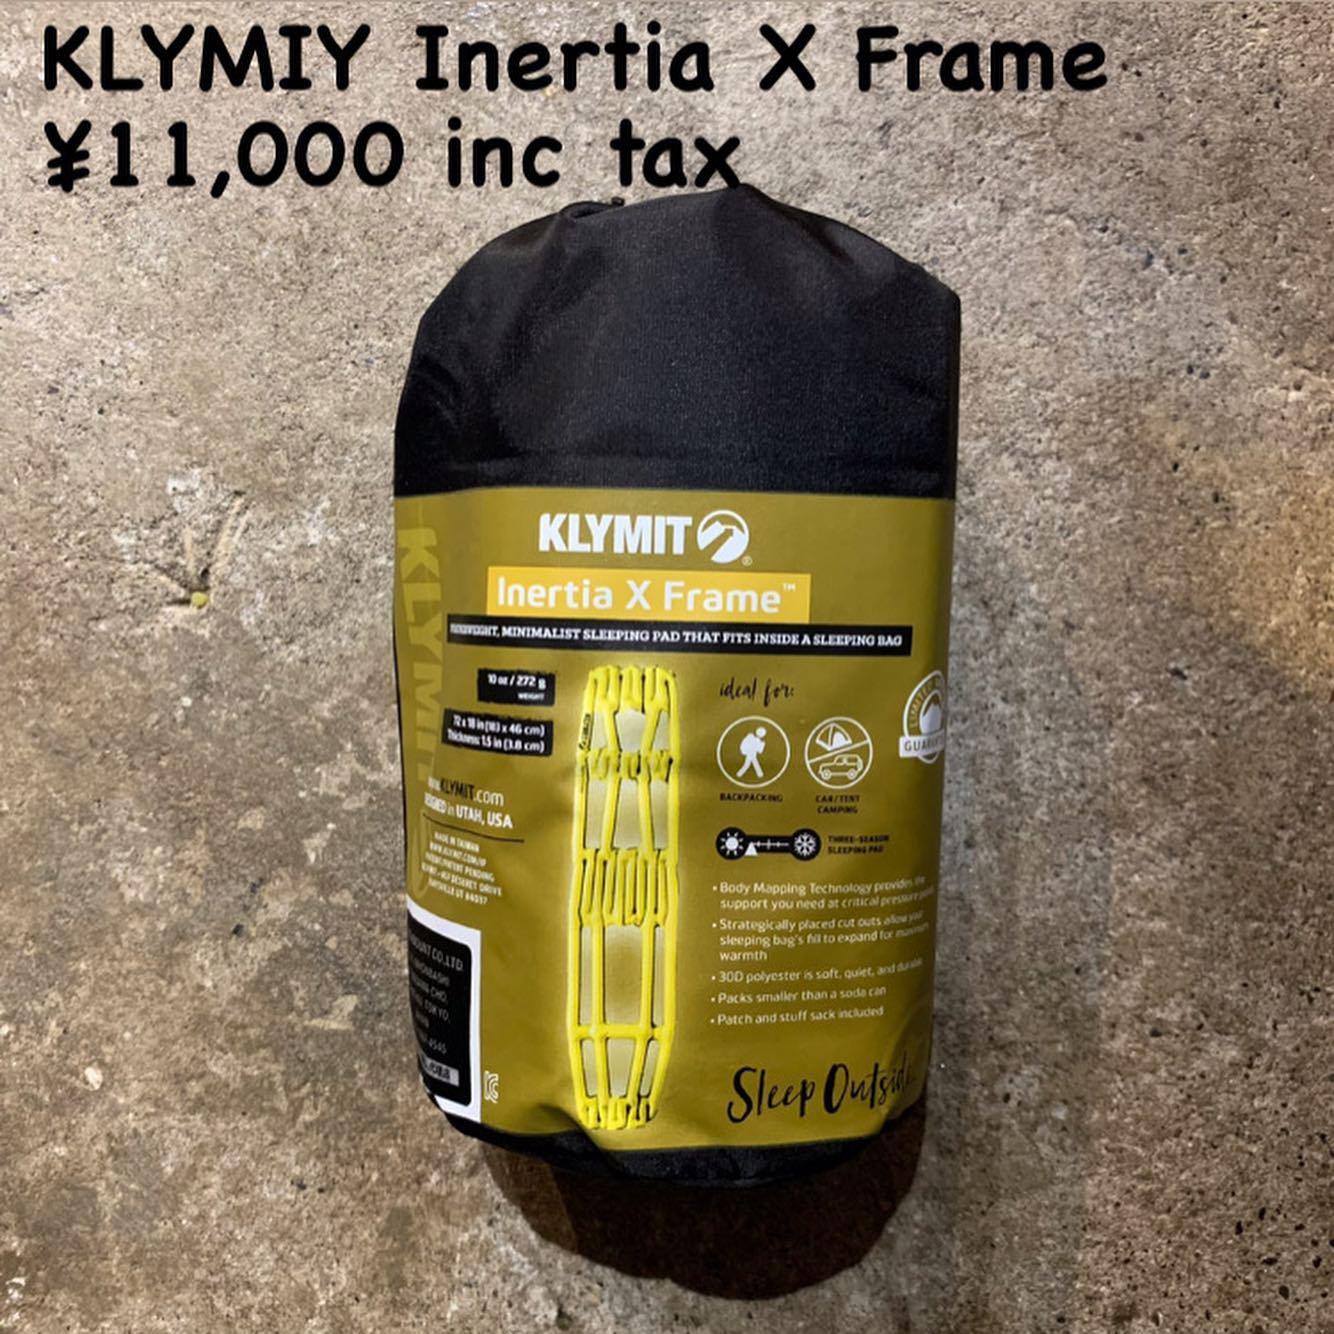 軽さとパッキングサイズを重視したマットシリーズ『KLYMIY イナーシャ X フレーム』のご紹介